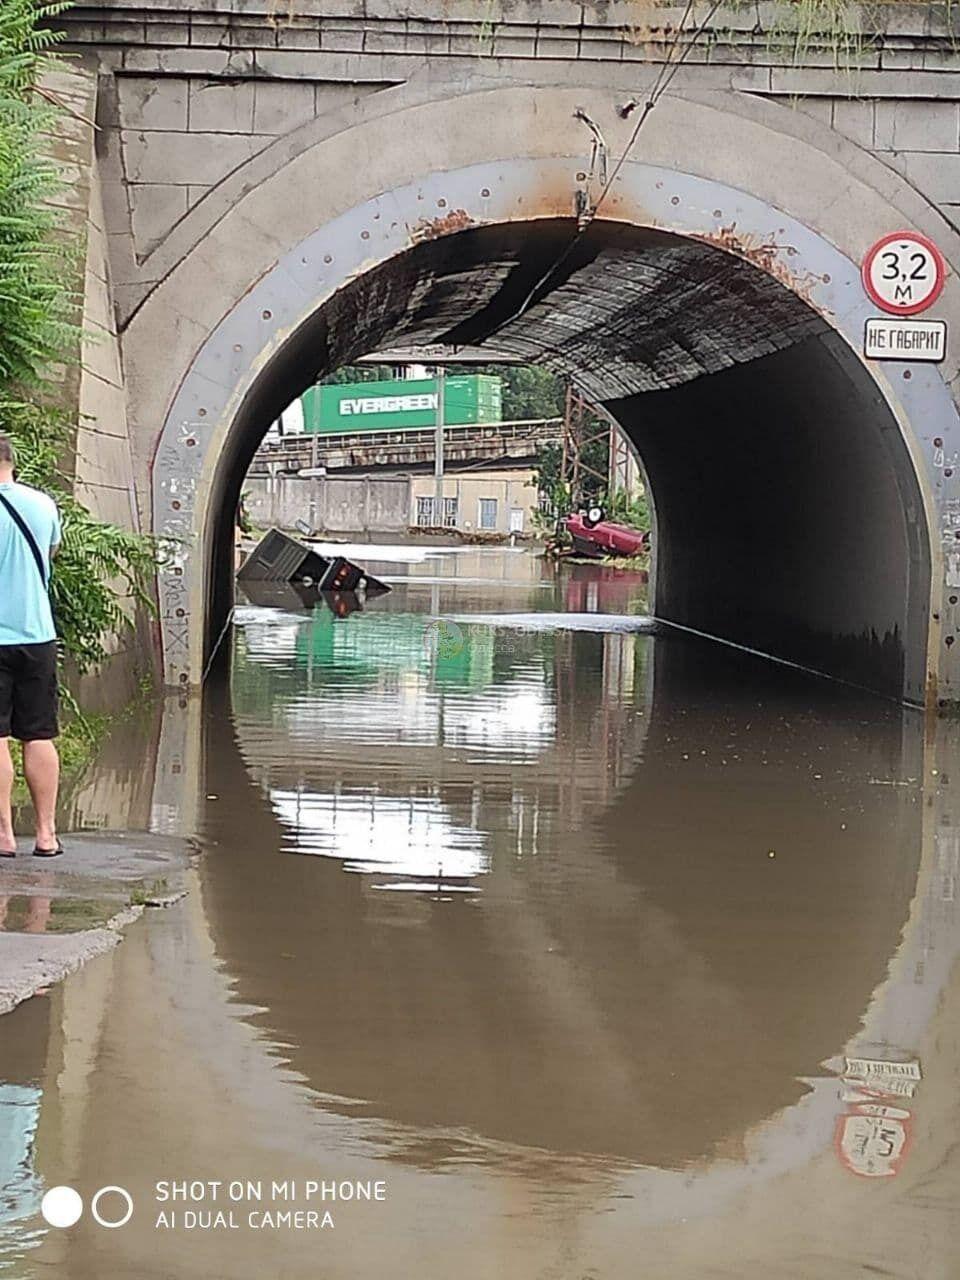 Автомобили не могли выехать из воды